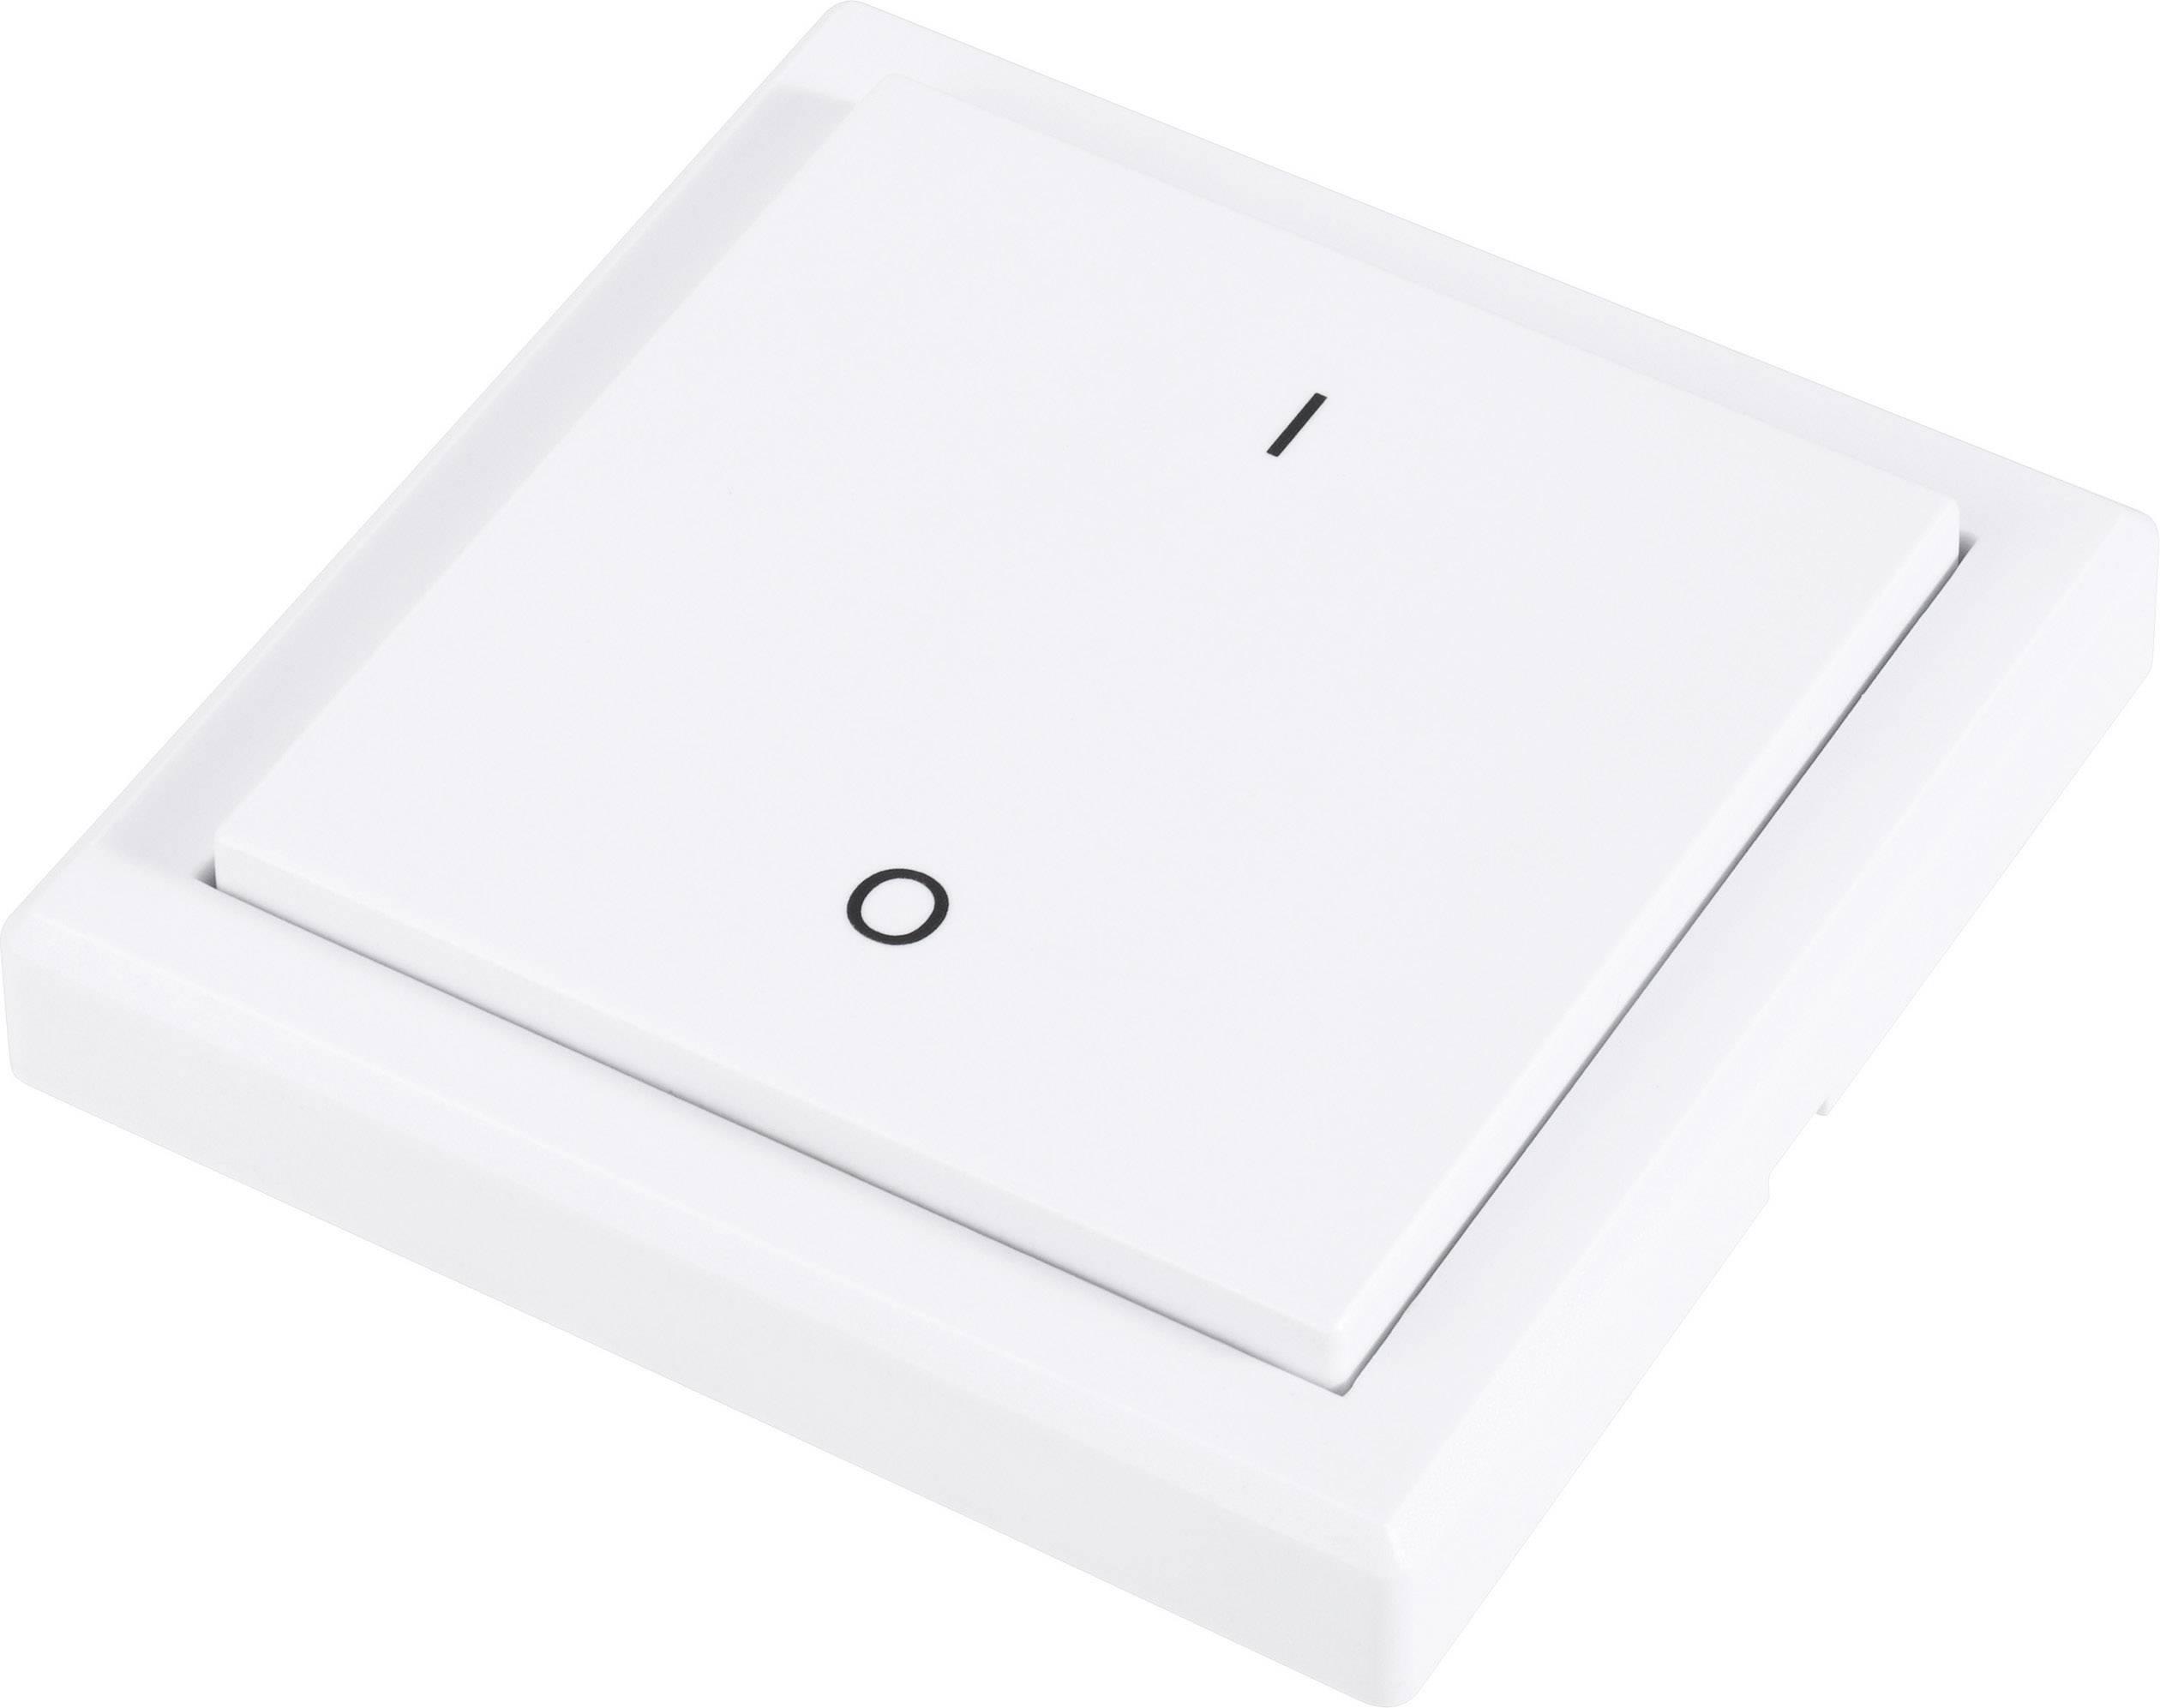 steckdosen aufputz elso contura with steckdosen aufputz. Black Bedroom Furniture Sets. Home Design Ideas